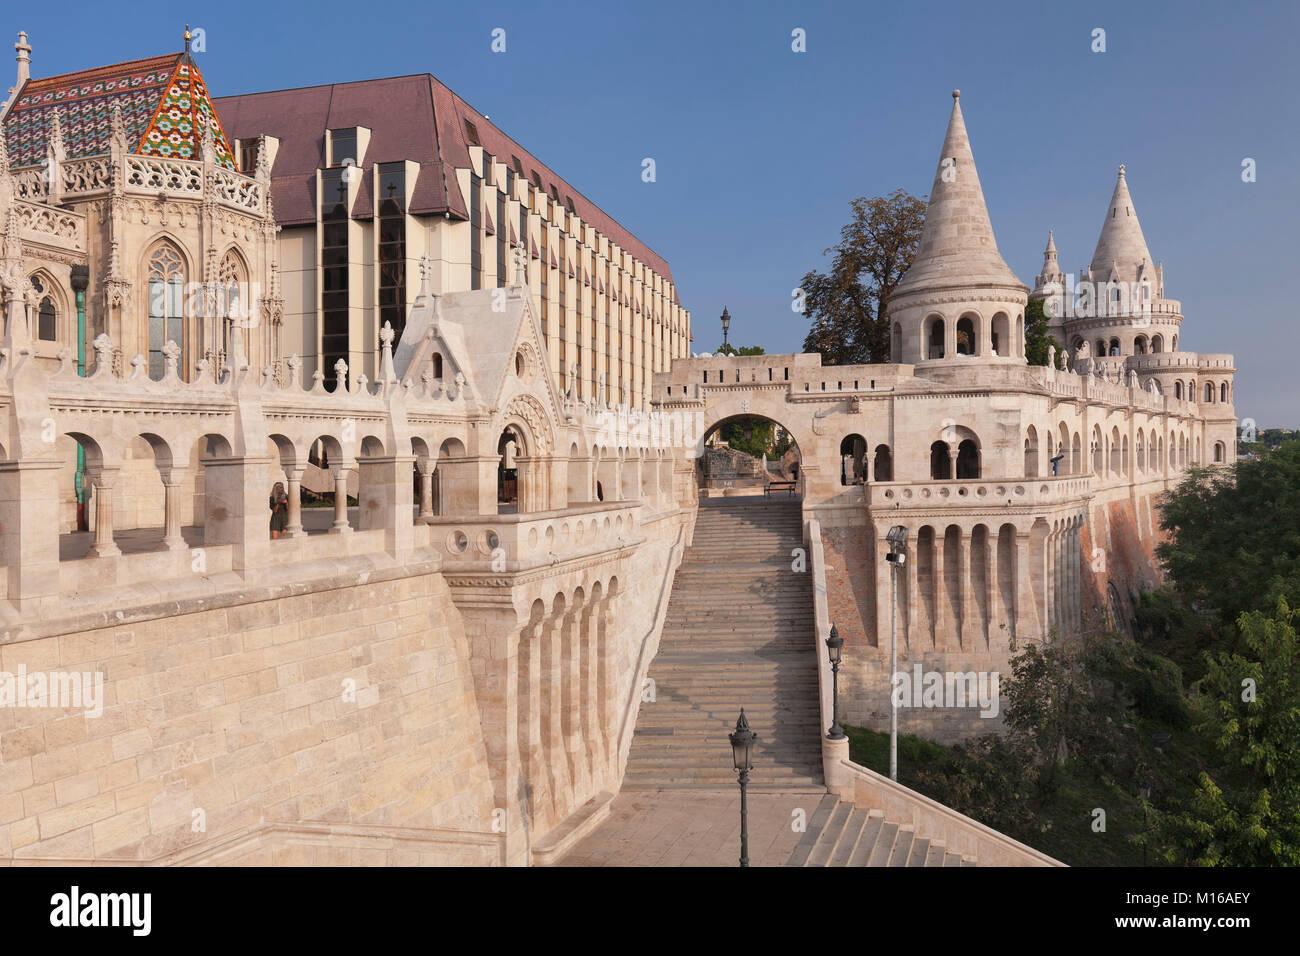 Fishermen's bastion on Buda Castle, Budapest, Hungary - Stock Image